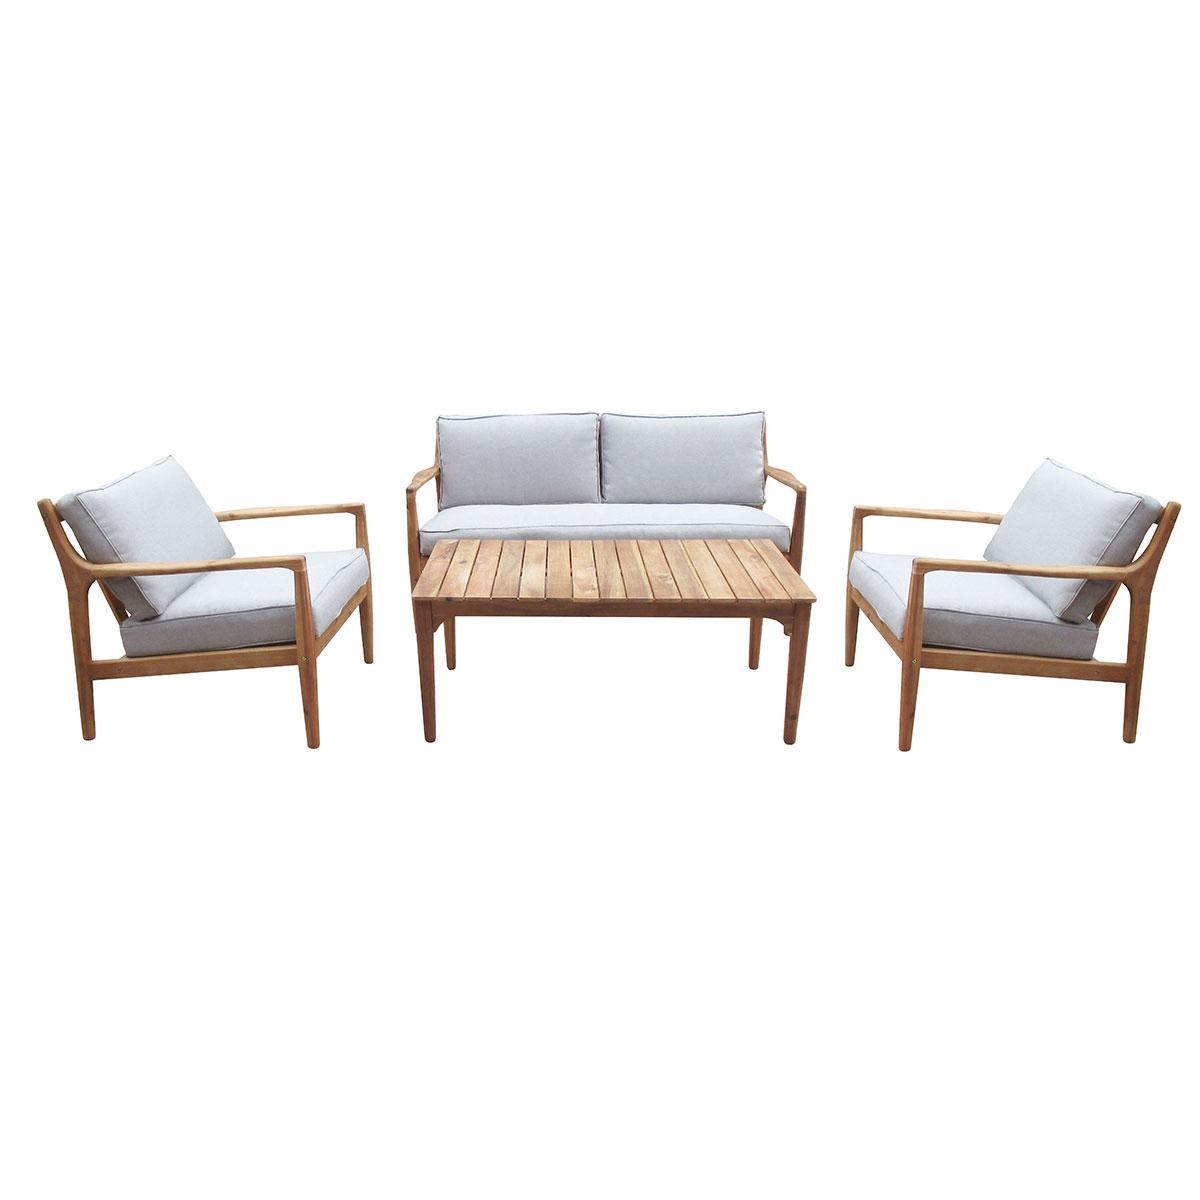 Комплект мебели из акации ManchesterКомплекты уличной мебели<br>Manchester - комплект мебели из акации, состоящий из дивана, двух кресел и стола. Комплект изготовлен из акации, окрашенной в цвет &amp;quot;тик&amp;quot;. Подушки включены в стоимость.&amp;amp;nbsp;&amp;lt;div&amp;gt;&amp;lt;br&amp;gt;&amp;lt;/div&amp;gt;&amp;lt;div&amp;gt;Размеры:&amp;amp;nbsp;&amp;lt;/div&amp;gt;&amp;lt;div&amp;gt;Диван 148 см*75 см*73 см&amp;amp;nbsp;&amp;lt;/div&amp;gt;&amp;lt;div&amp;gt;Кресло 73 см*75 см*73 см&amp;amp;nbsp;&amp;lt;/div&amp;gt;&amp;lt;div&amp;gt;Стол 110 см*60 см*45 см&amp;lt;/div&amp;gt;<br><br>Material: Акация